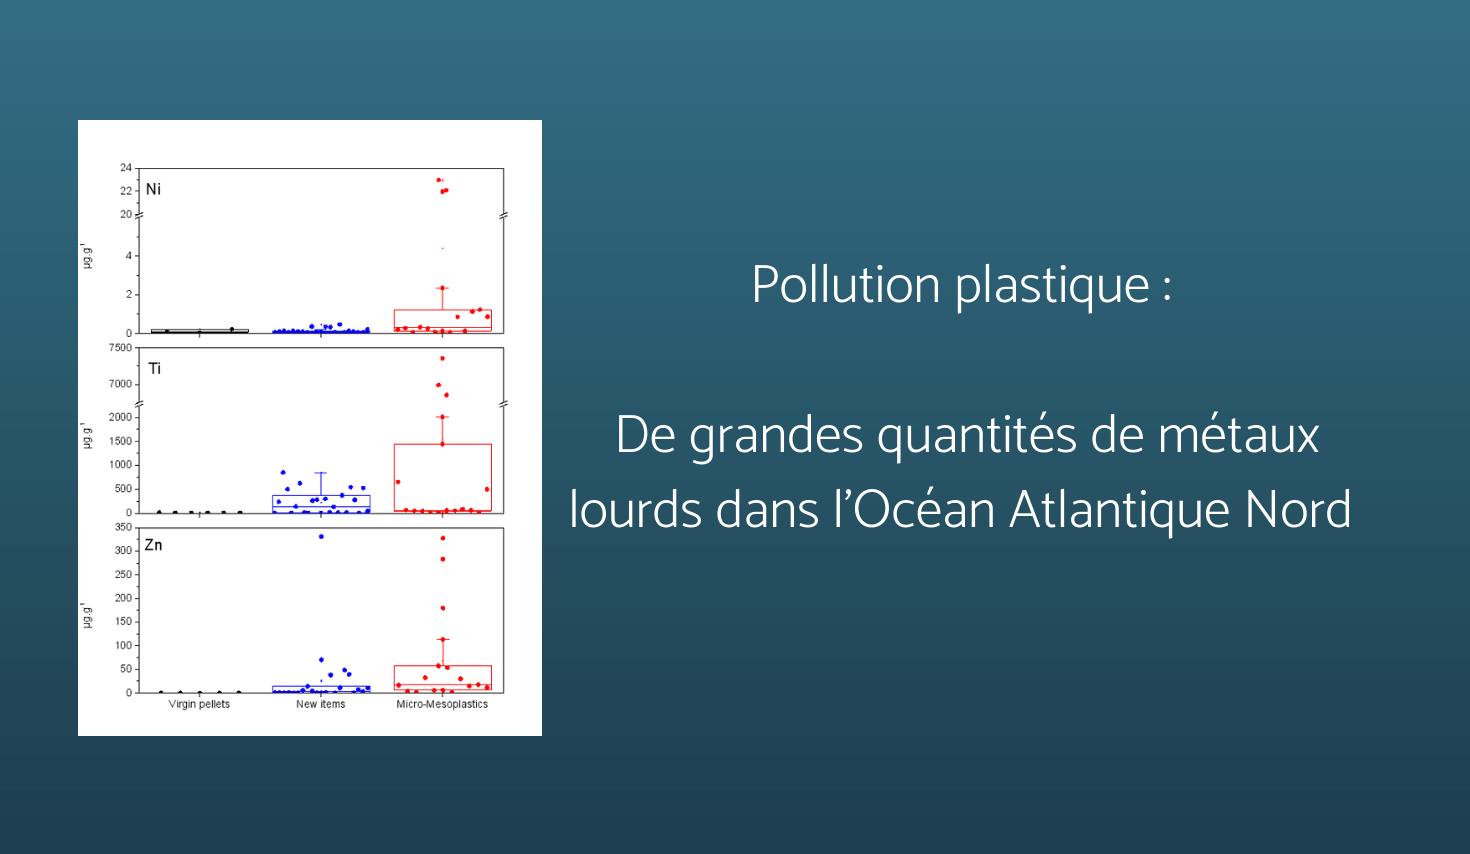 Pollution Plastique : Grandes Quantités De Métaux Lourds Dans L'océan